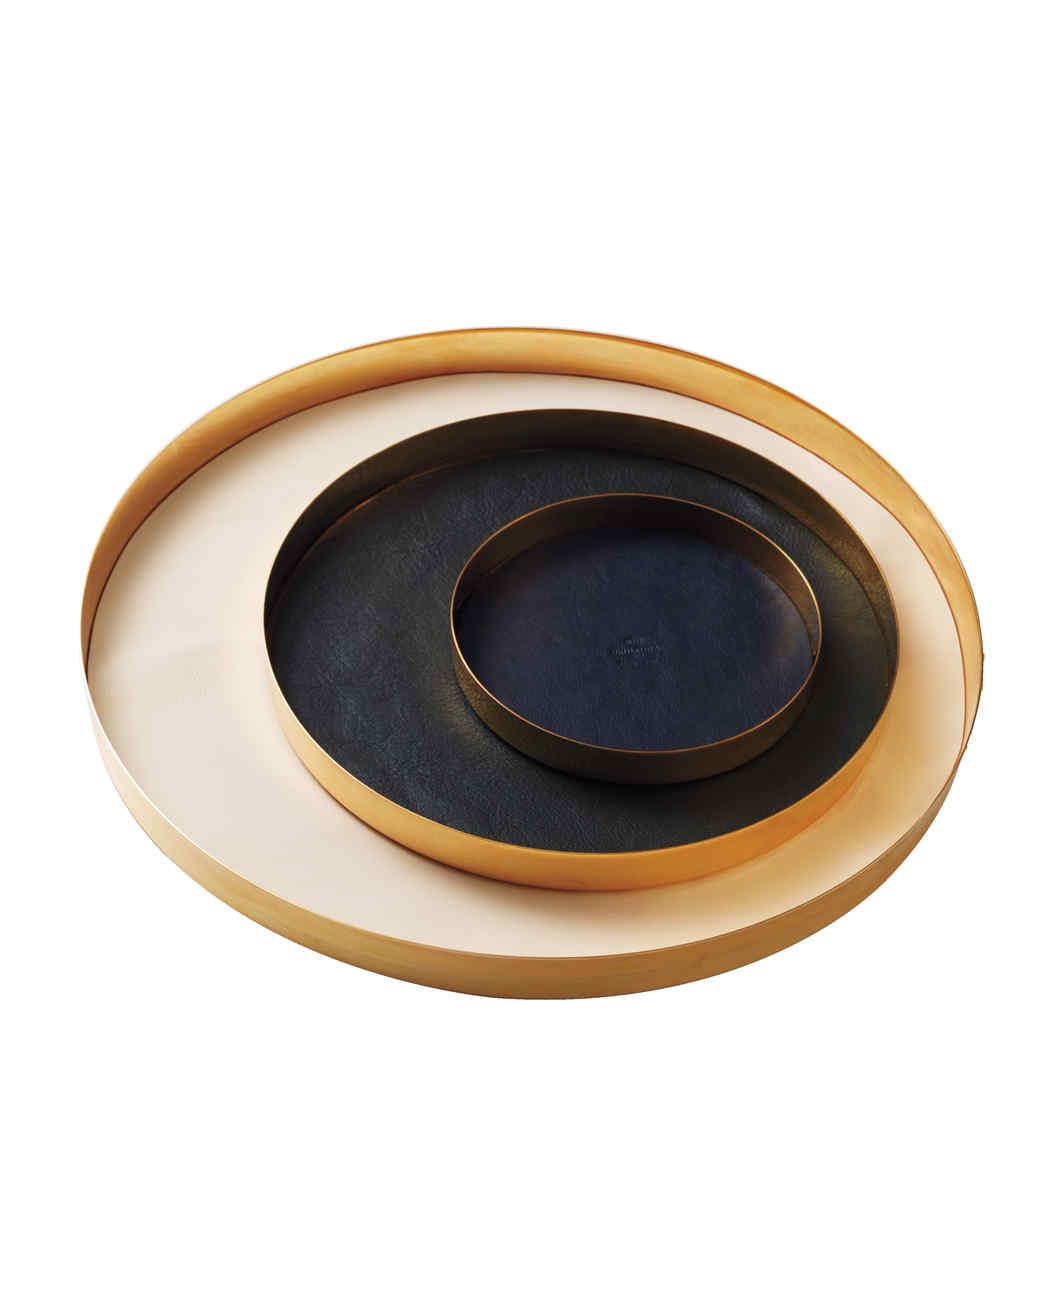 skultuna-trays-348-d112494.jpg